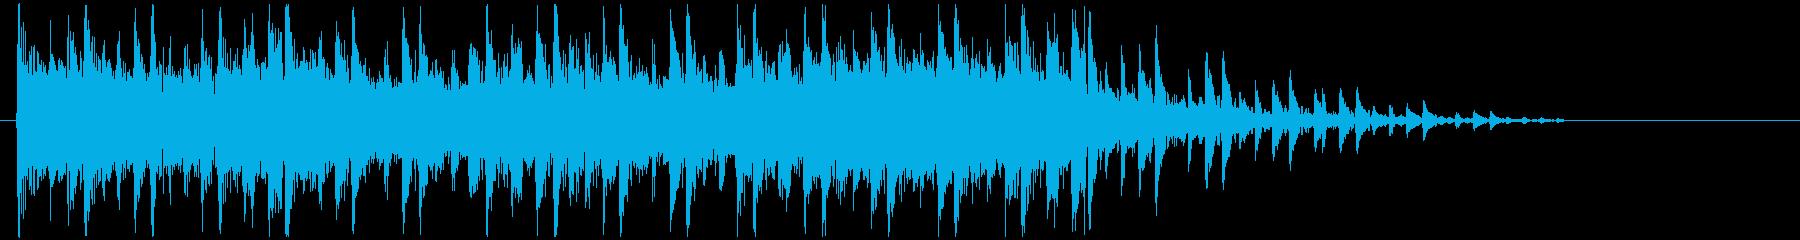 スピーディーで軽快なゲーム風ジングルの再生済みの波形